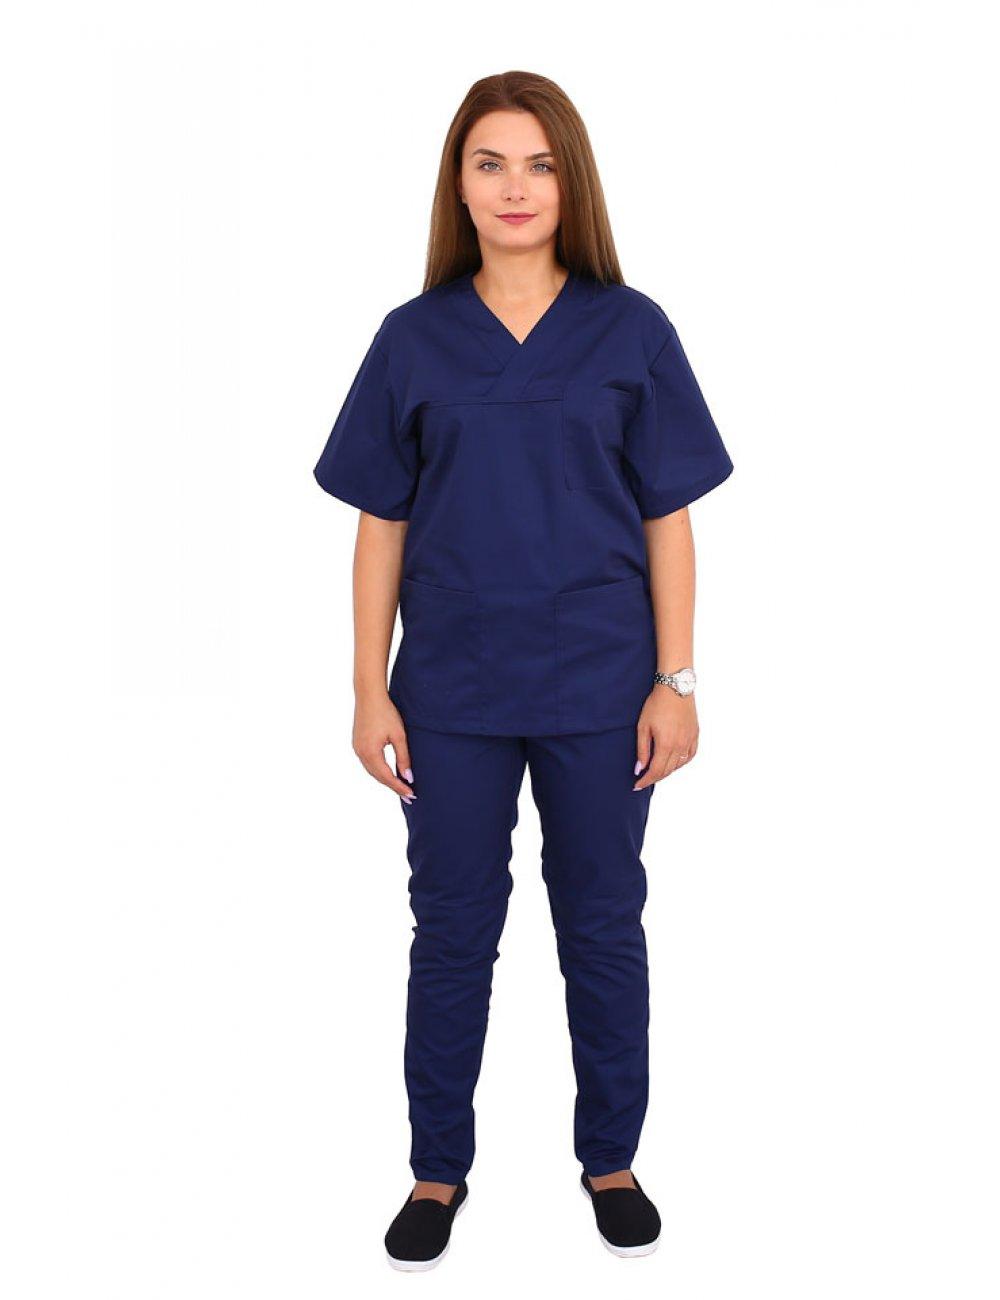 Costum medical bleumarin, bluza cu anchior in V, trei buzunare si pantaloni cu elastic.